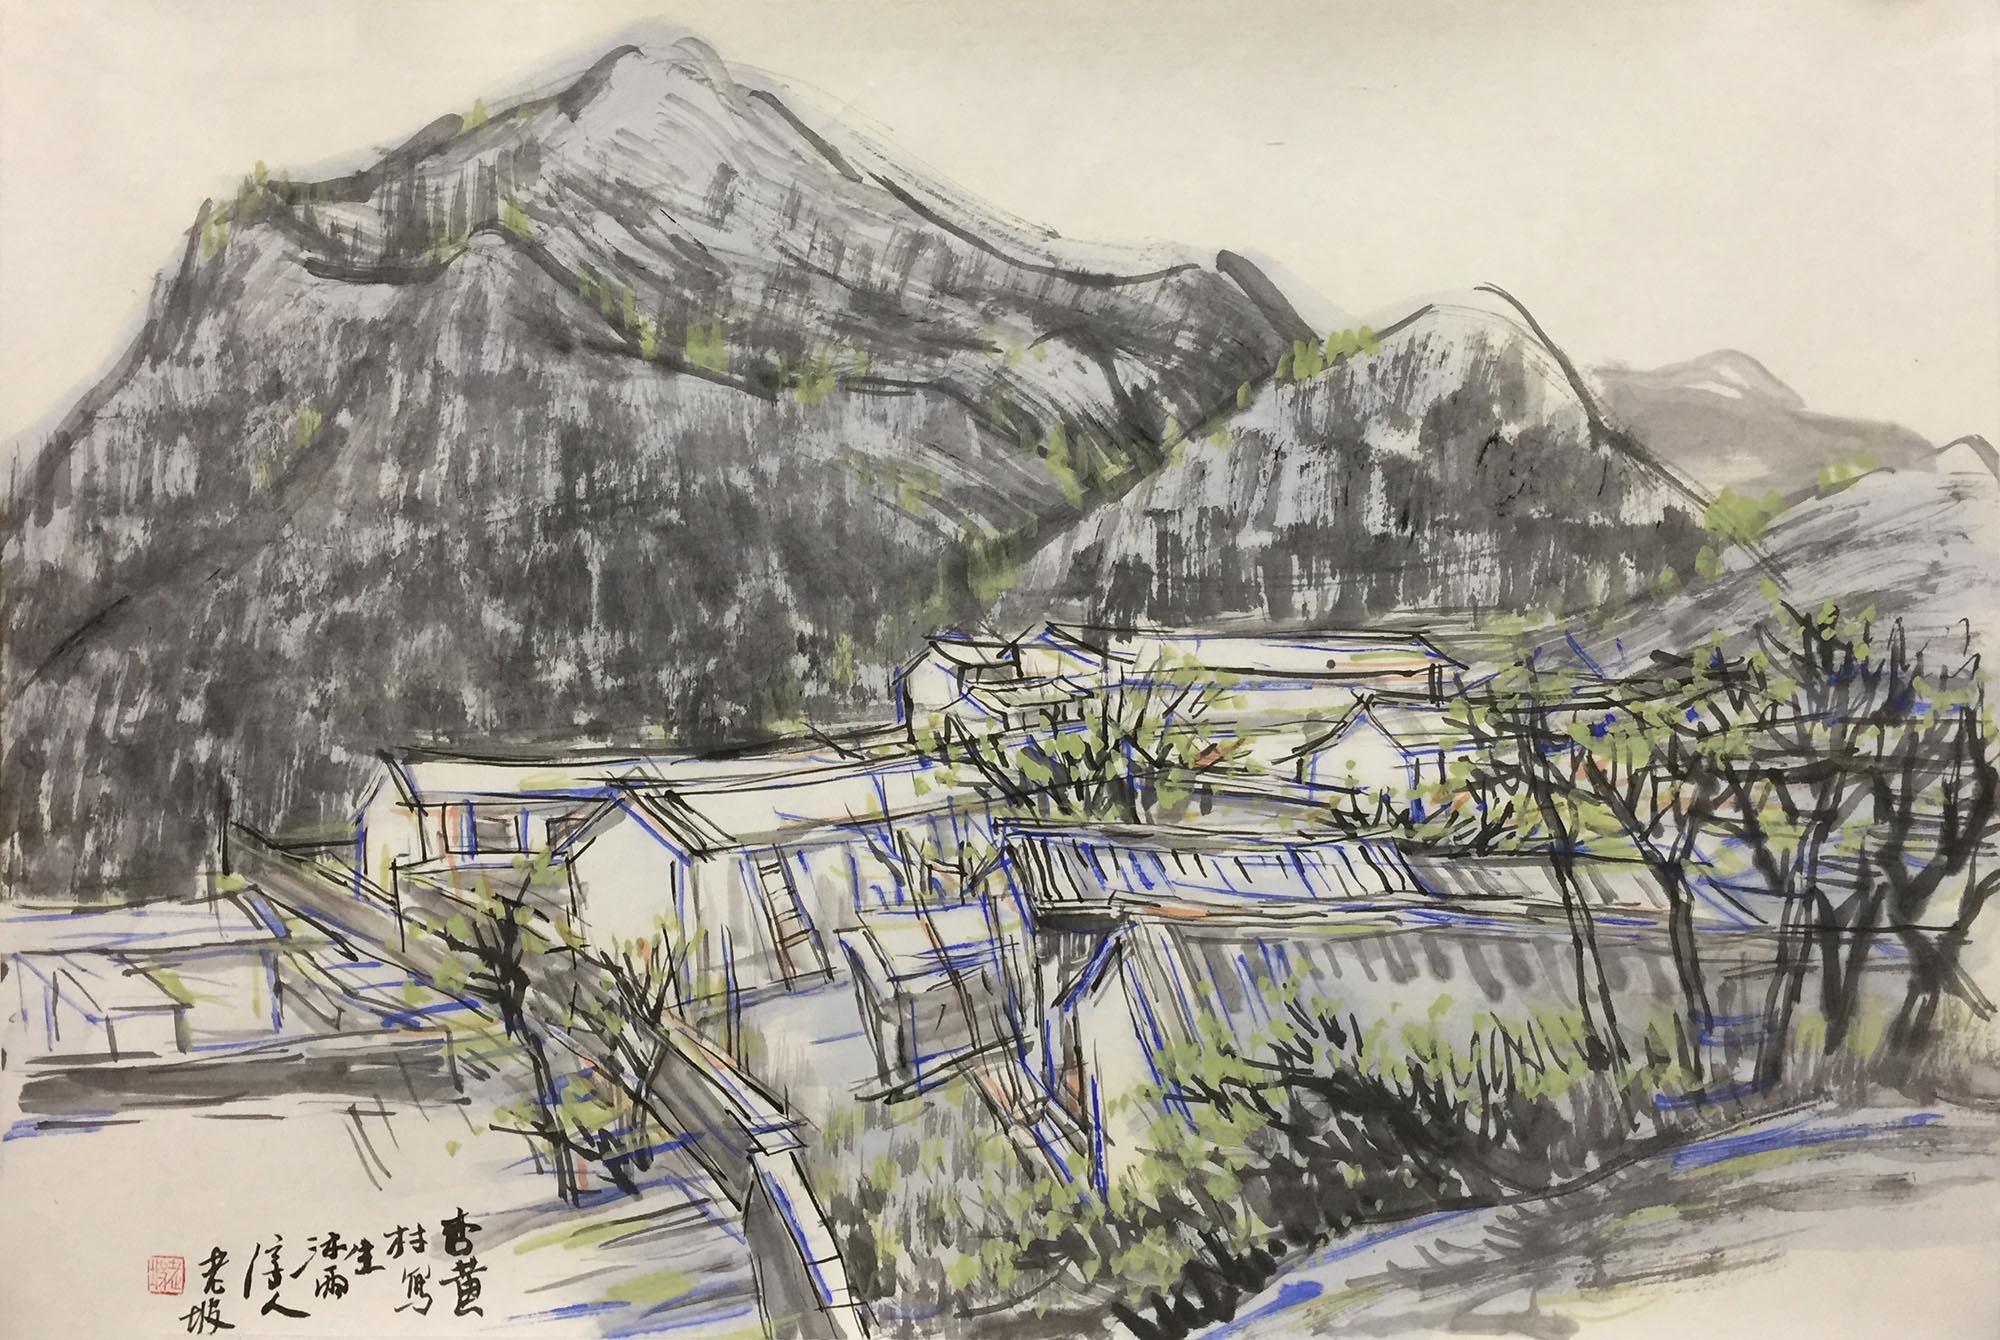 韩敬伟作品2015年写生05